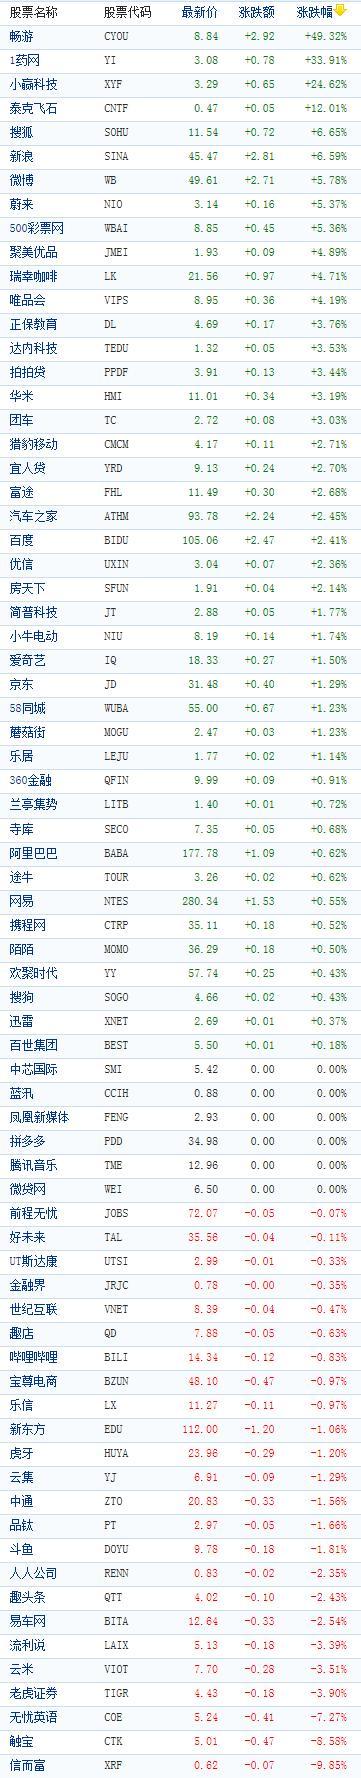 在美上市中概股周一收盘普涨,当日美股收盘涨跌不一,道指小幅上涨,标普500指数和纳指则小幅下跌,因微软引领技股走低。畅游因搜狐宣布发出收购全部A类股要约收盘大涨49.32%创年内最大涨幅。